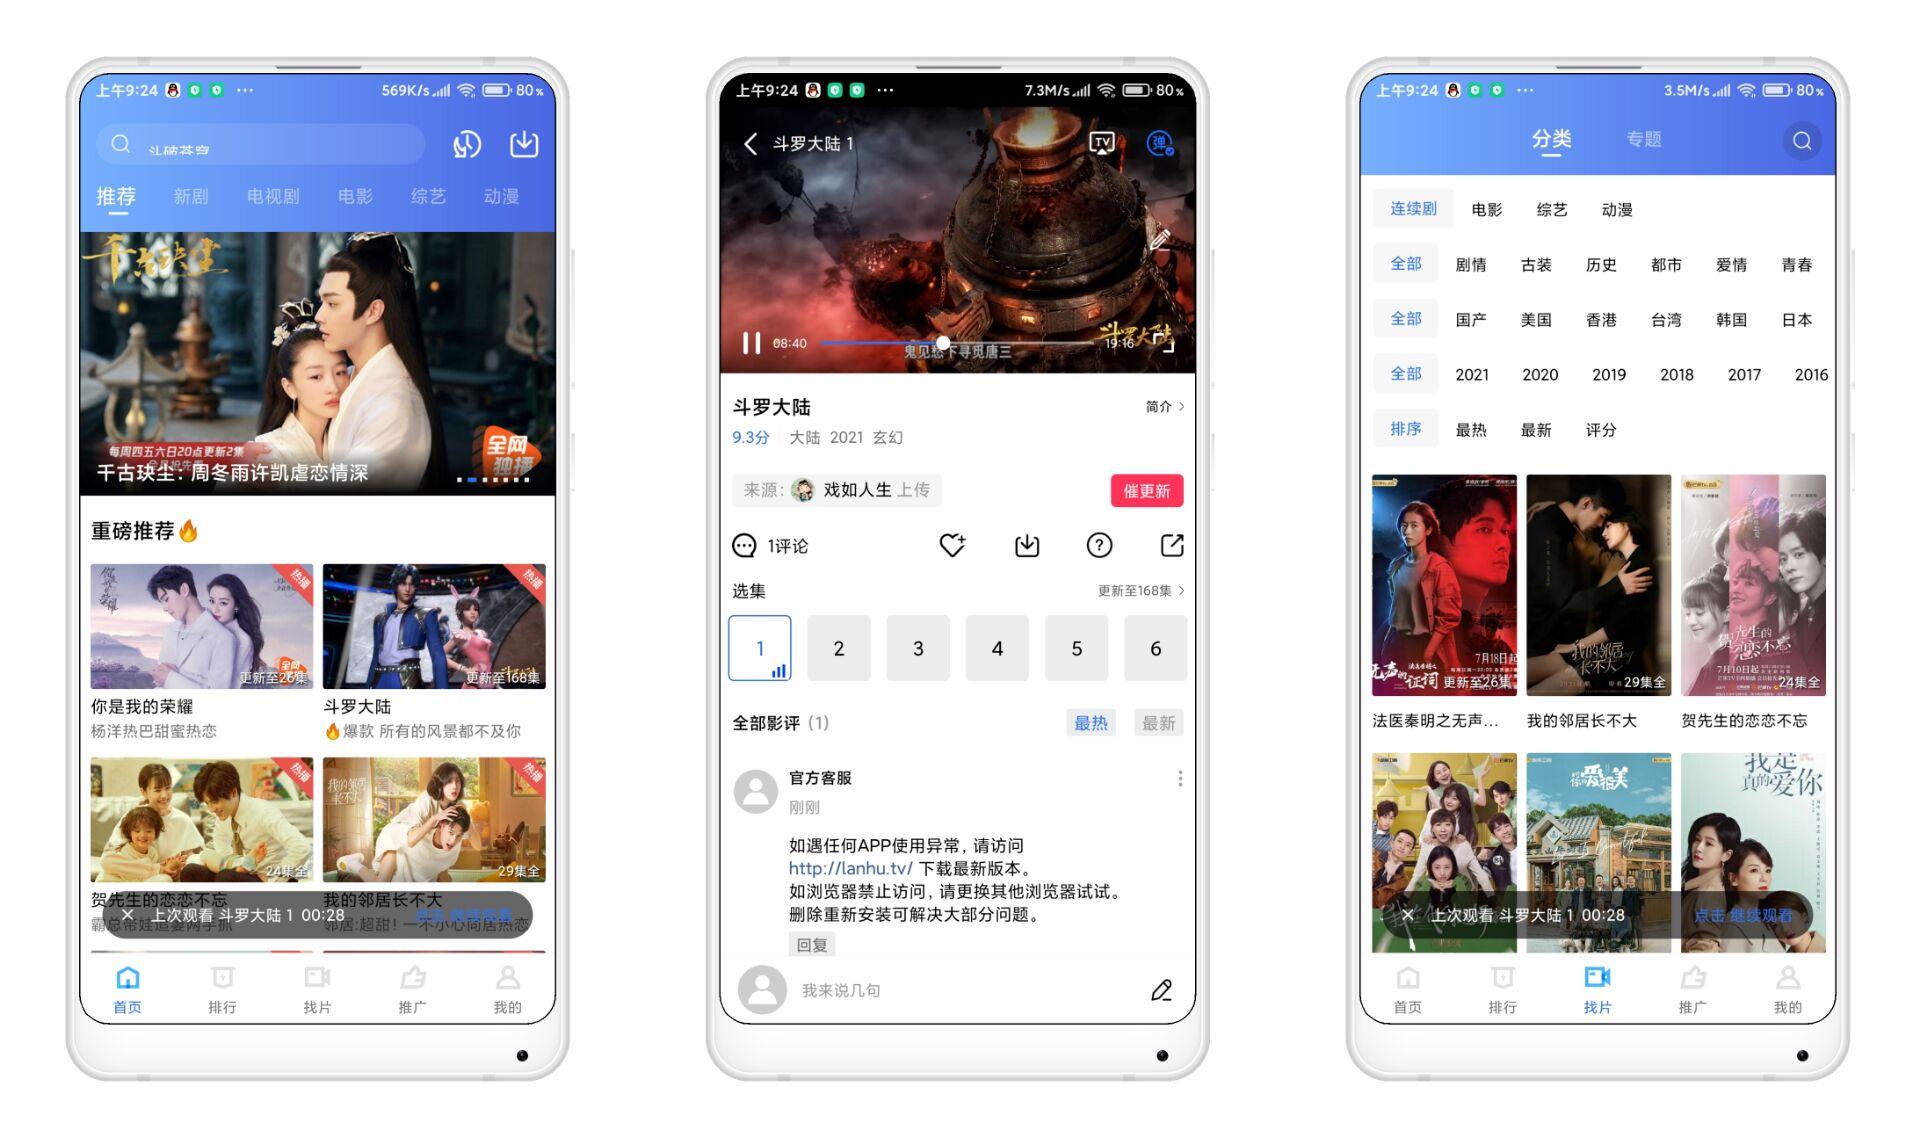 【蓝狐影视】免费追剧软件解锁VIP免广告